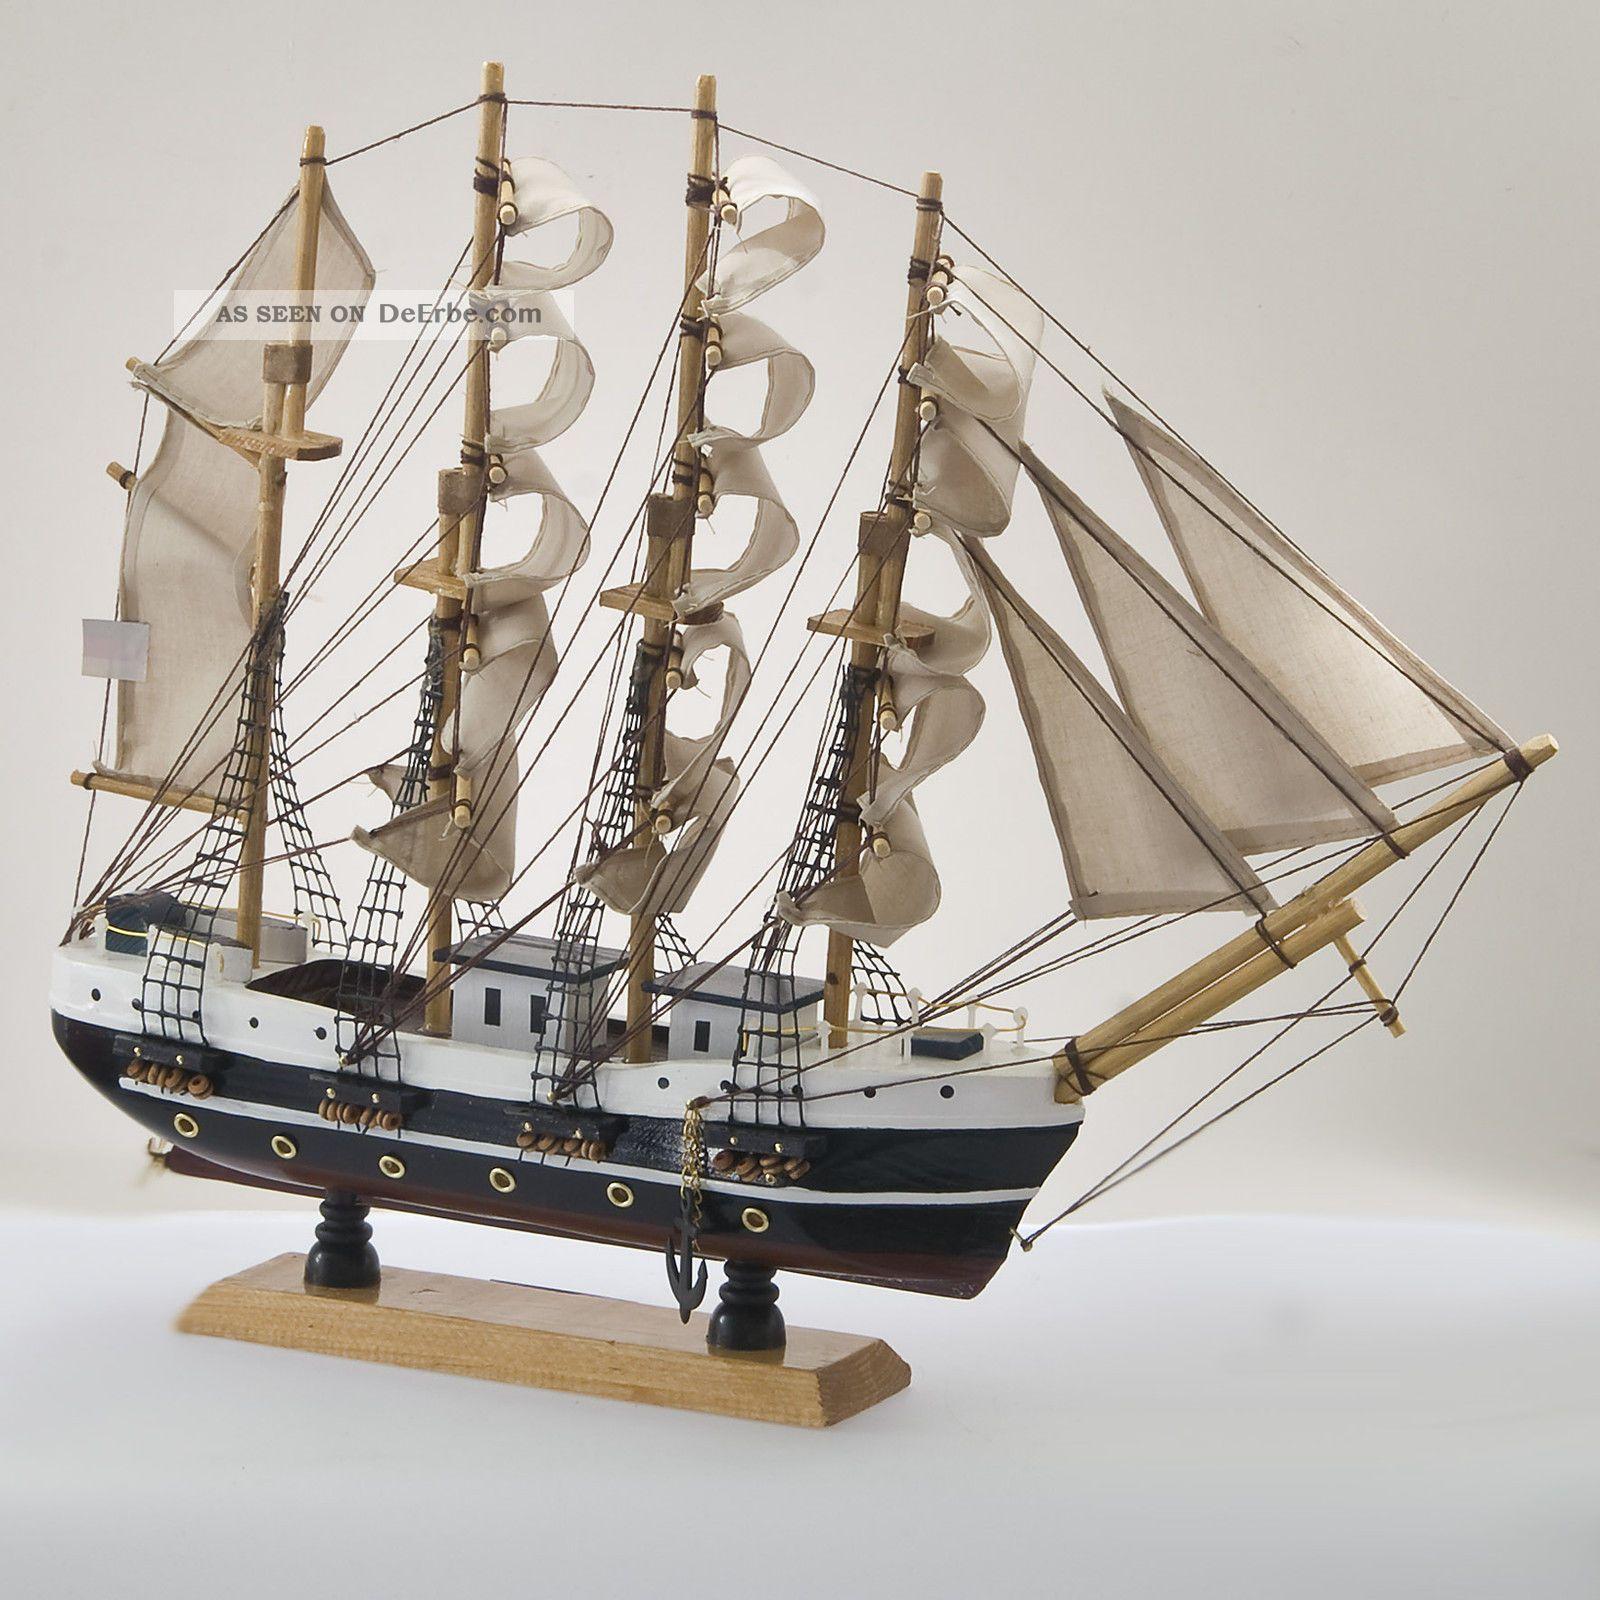 Passat Segelschiff Gro Segler Holz Ca 45cm Deko Standmodell